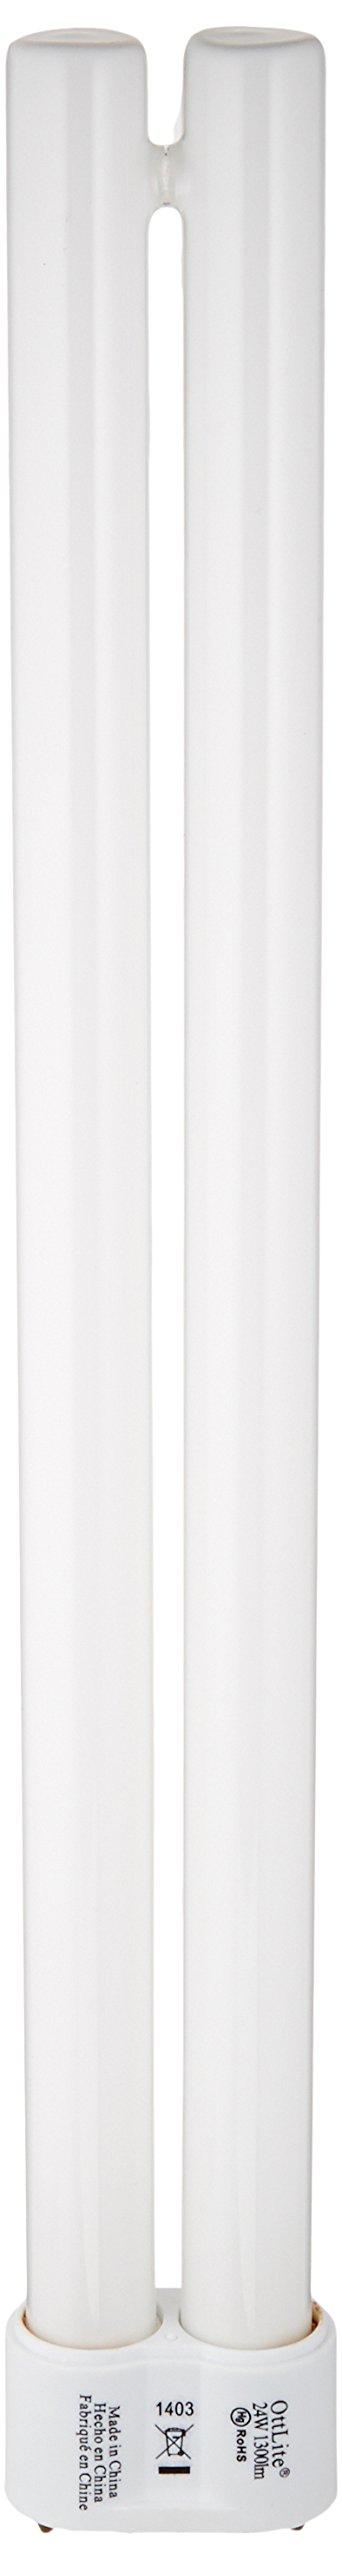 OttLite  T40J34 24W Type C 5500 K 1300 Lumens Natural Daylight Bulb